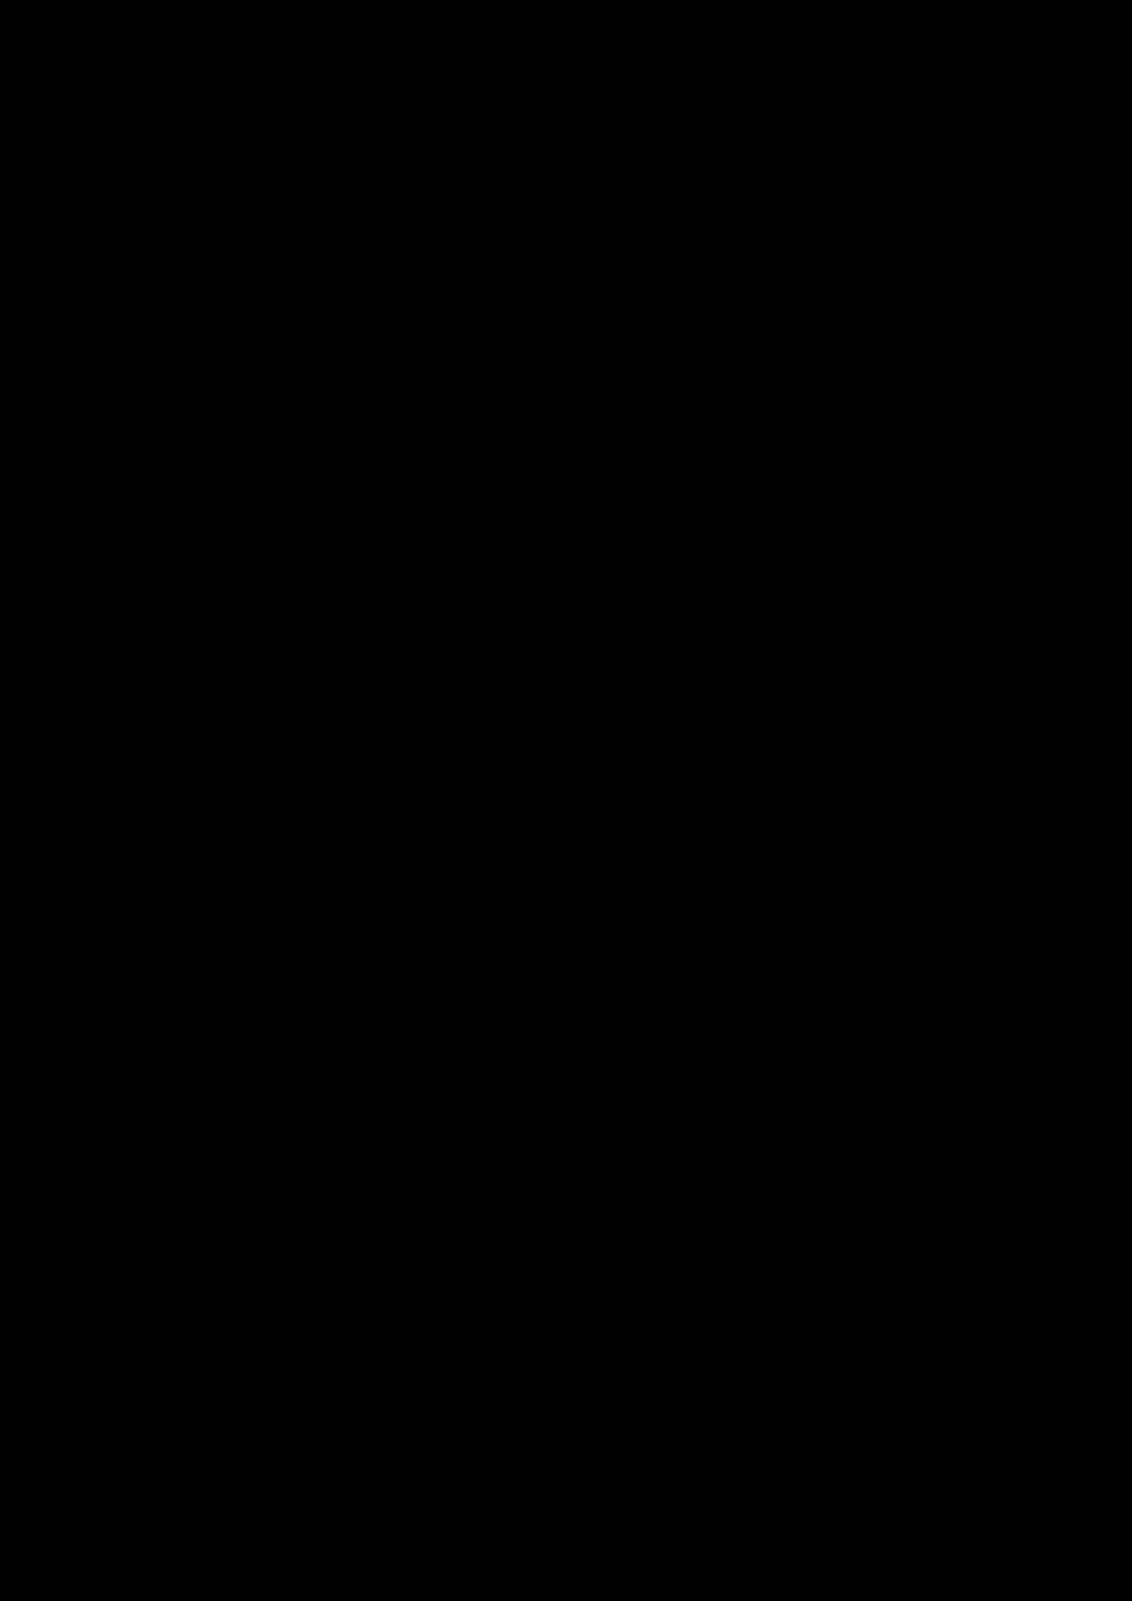 Osobyiy rezon slide, Image 12